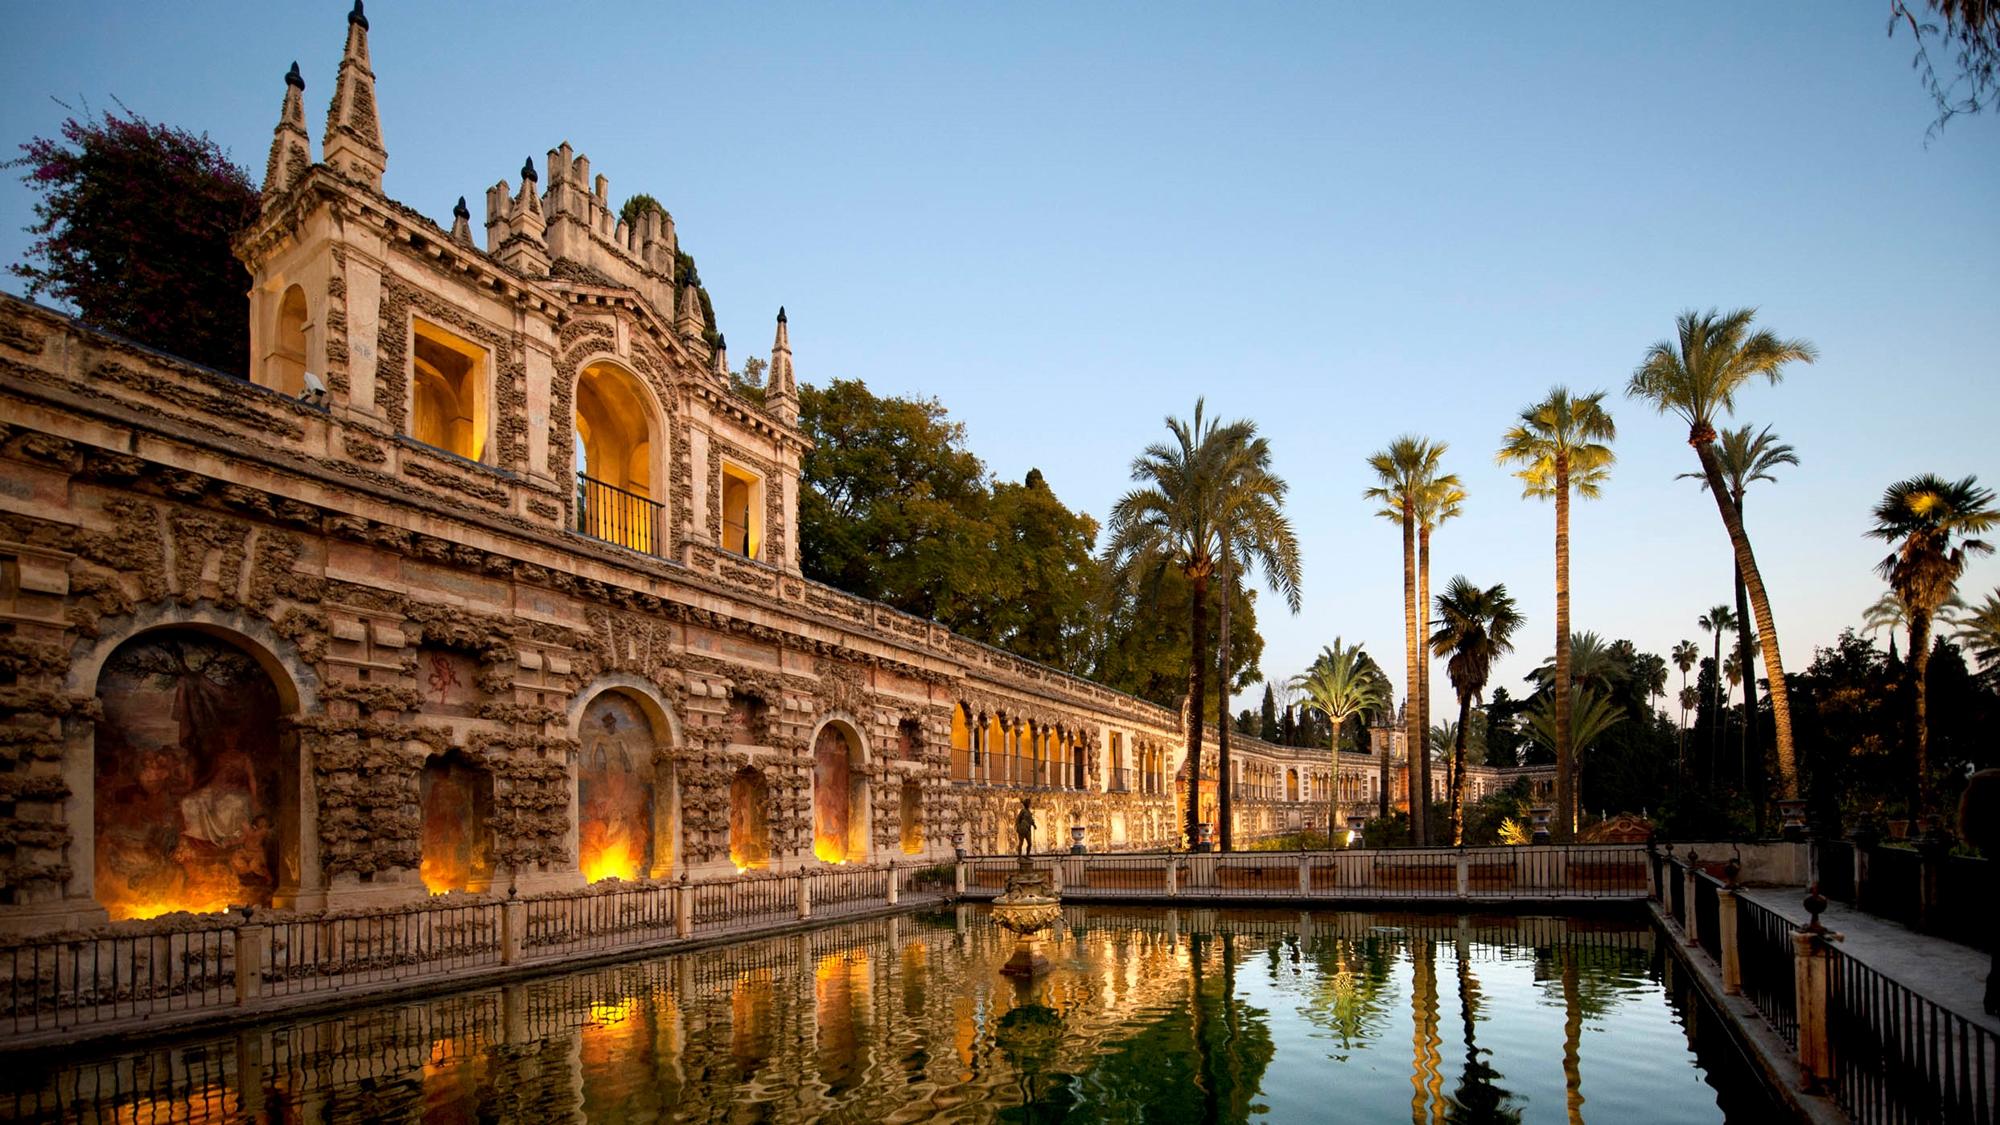 Palacio Real Alcazar